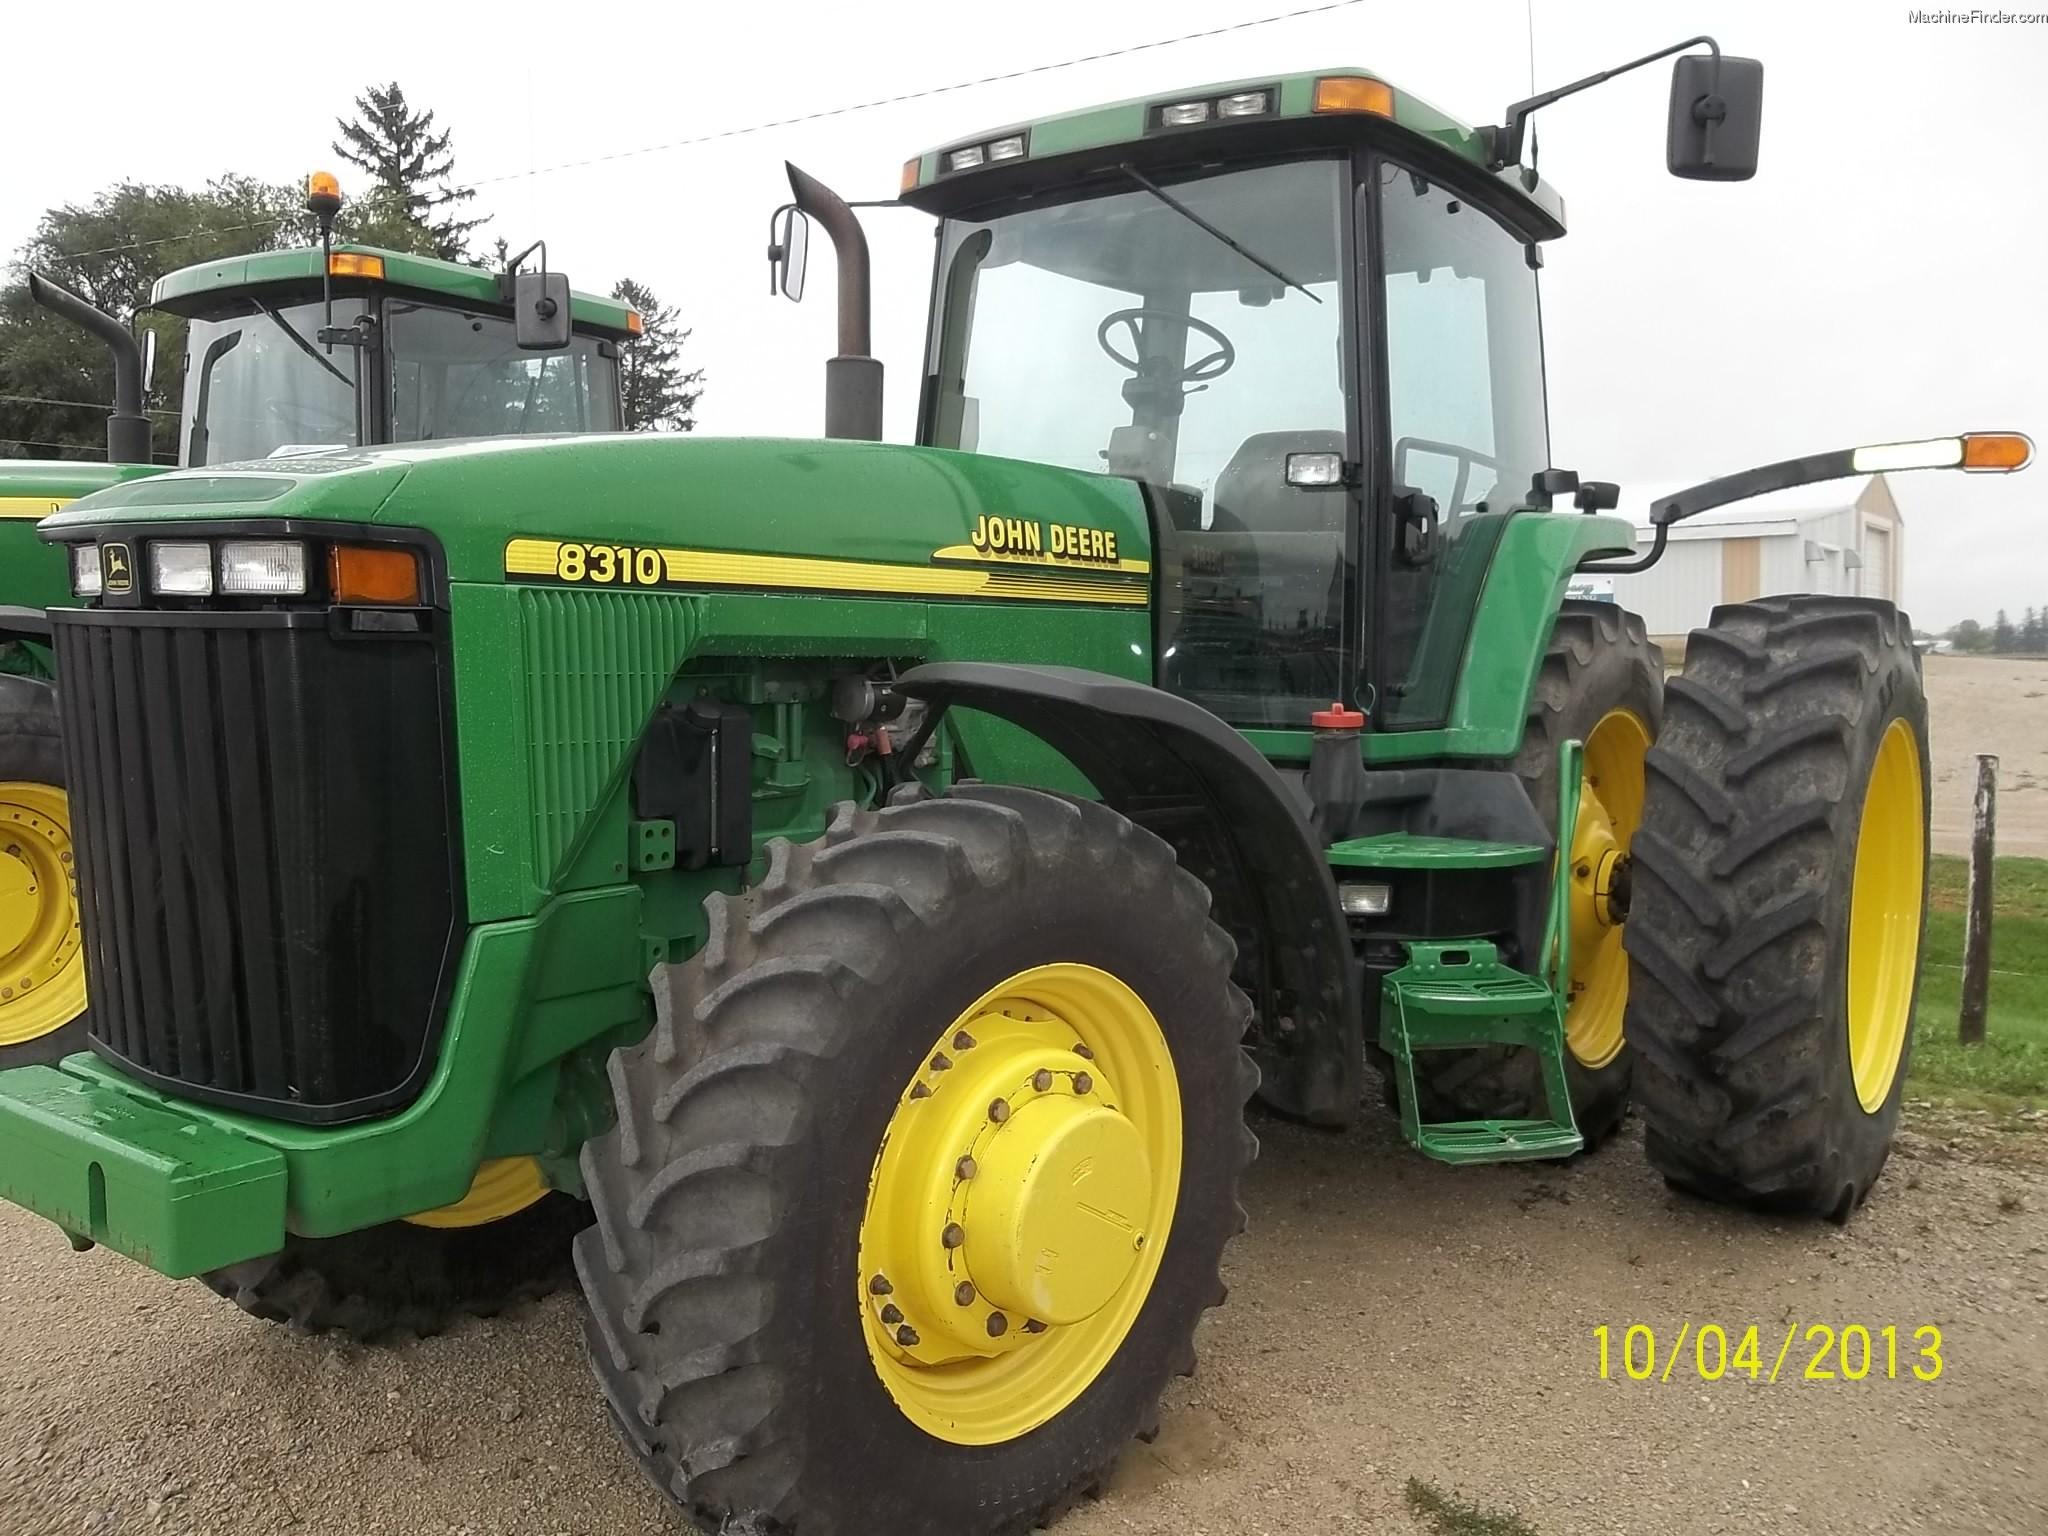 2001 John Deere 8310 Tractors - Row Crop (+100hp) - John ...